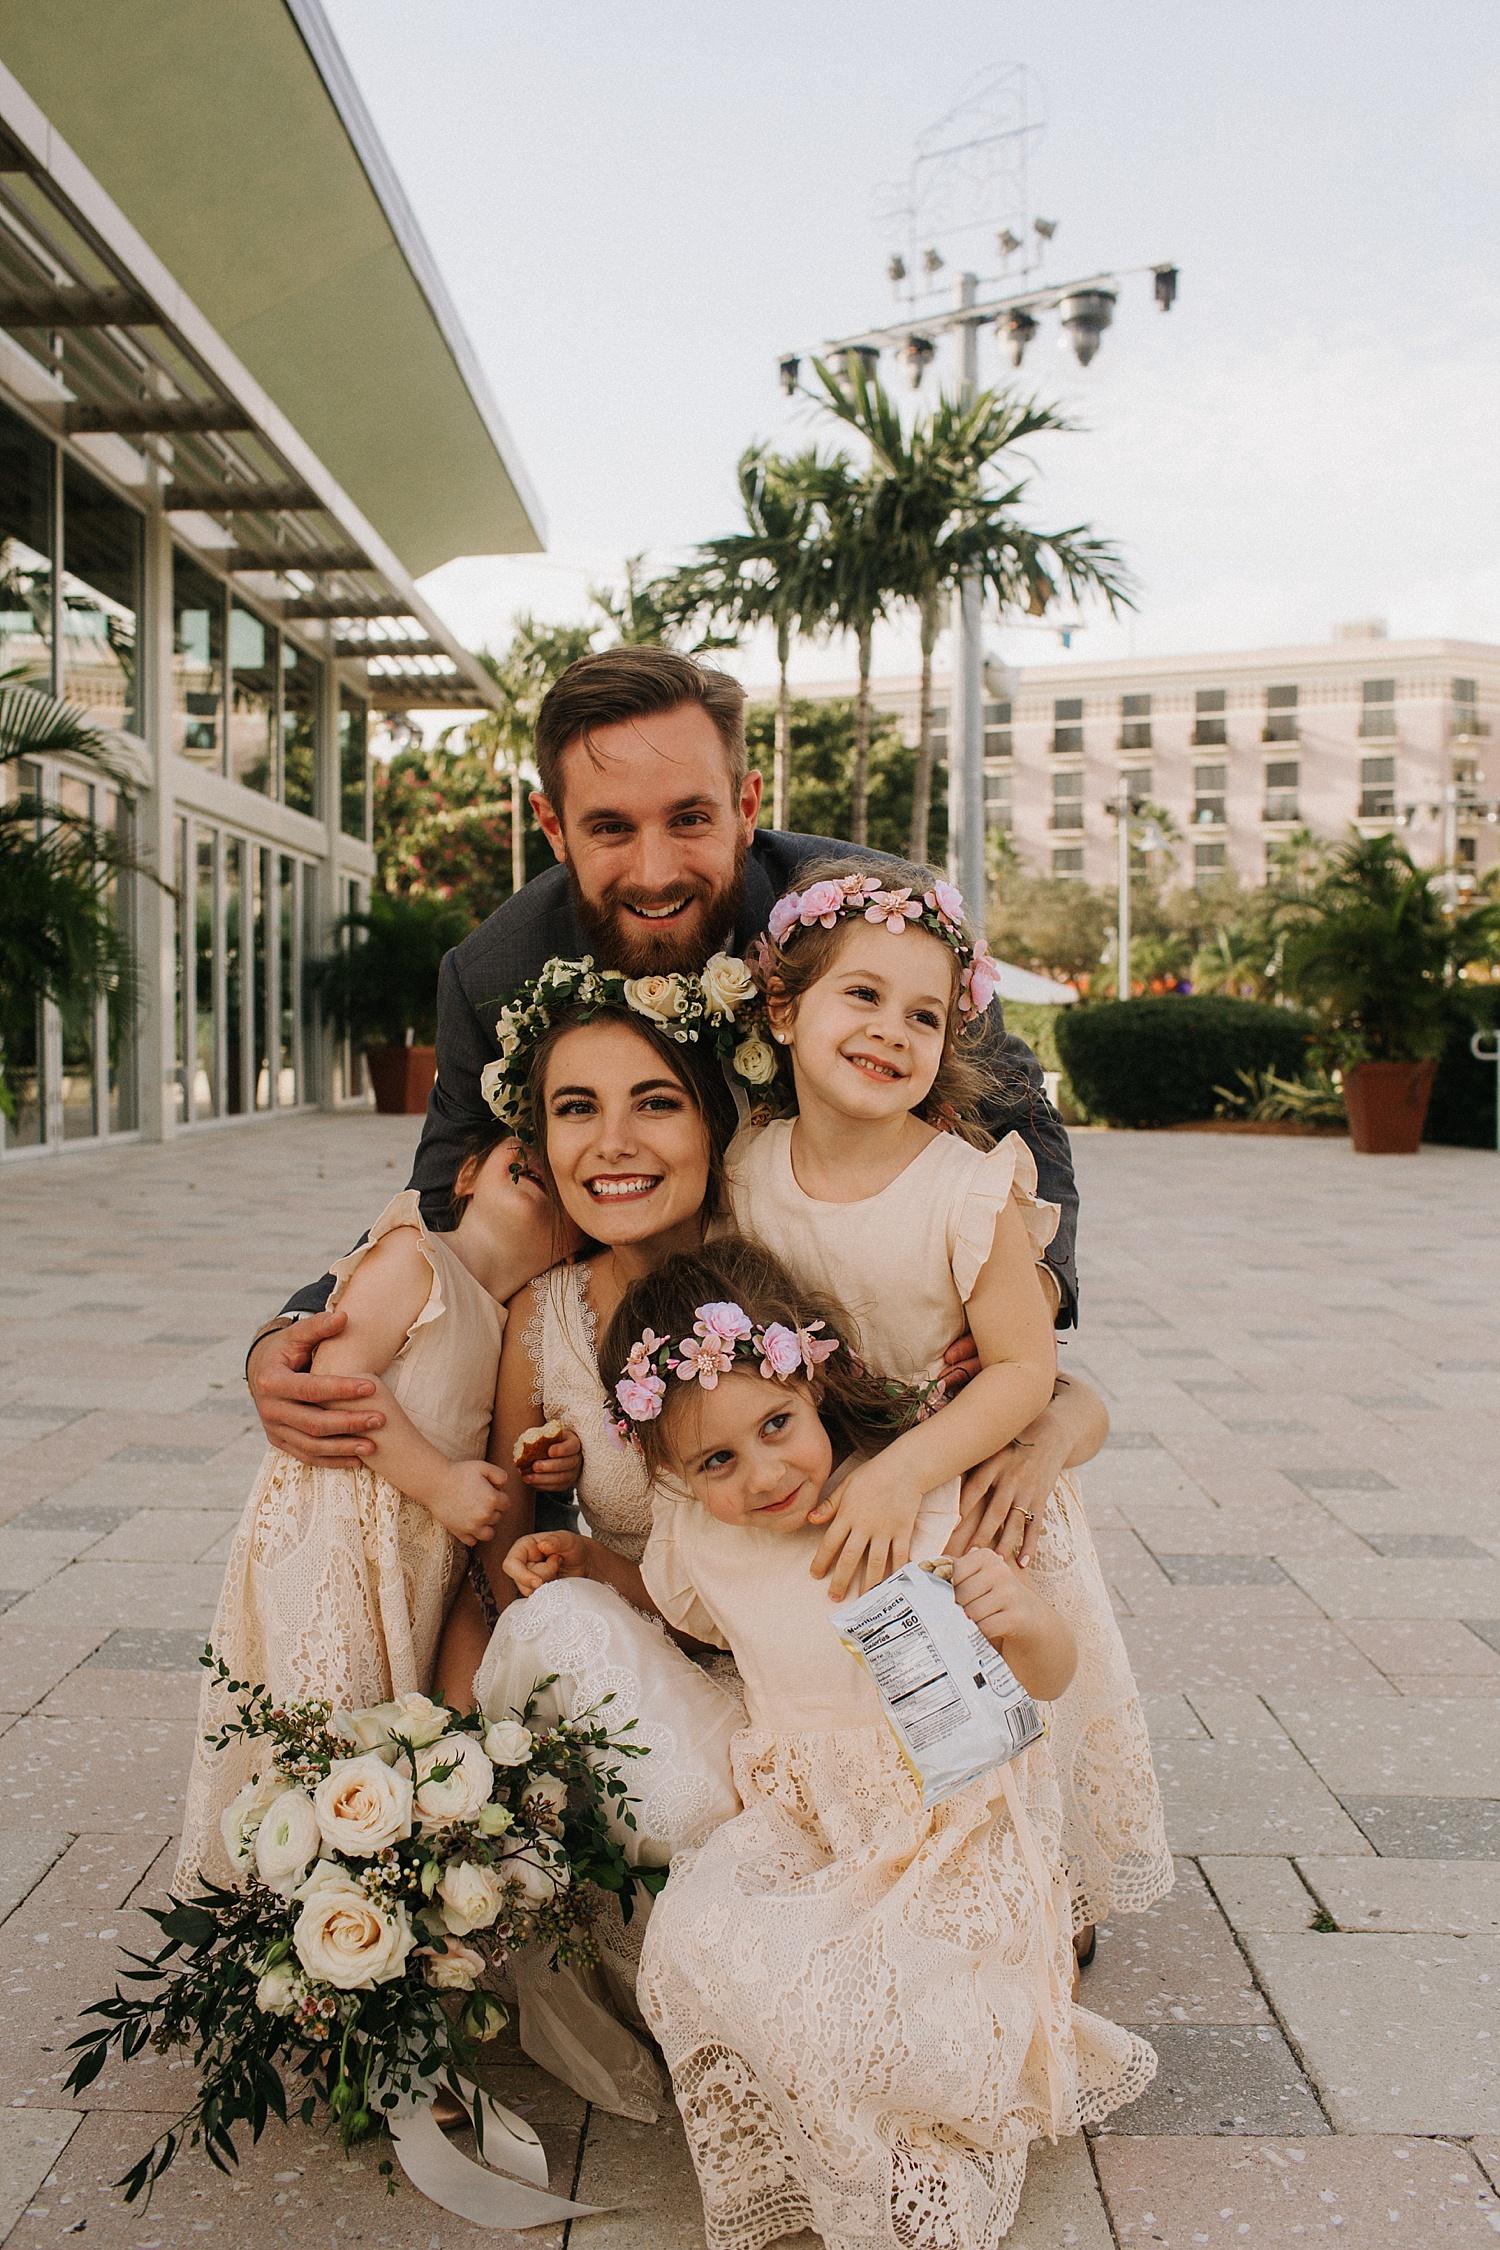 Peter + Kareena Rineer Downtown West Palm Beach December Wedding 2018_0032.jpg